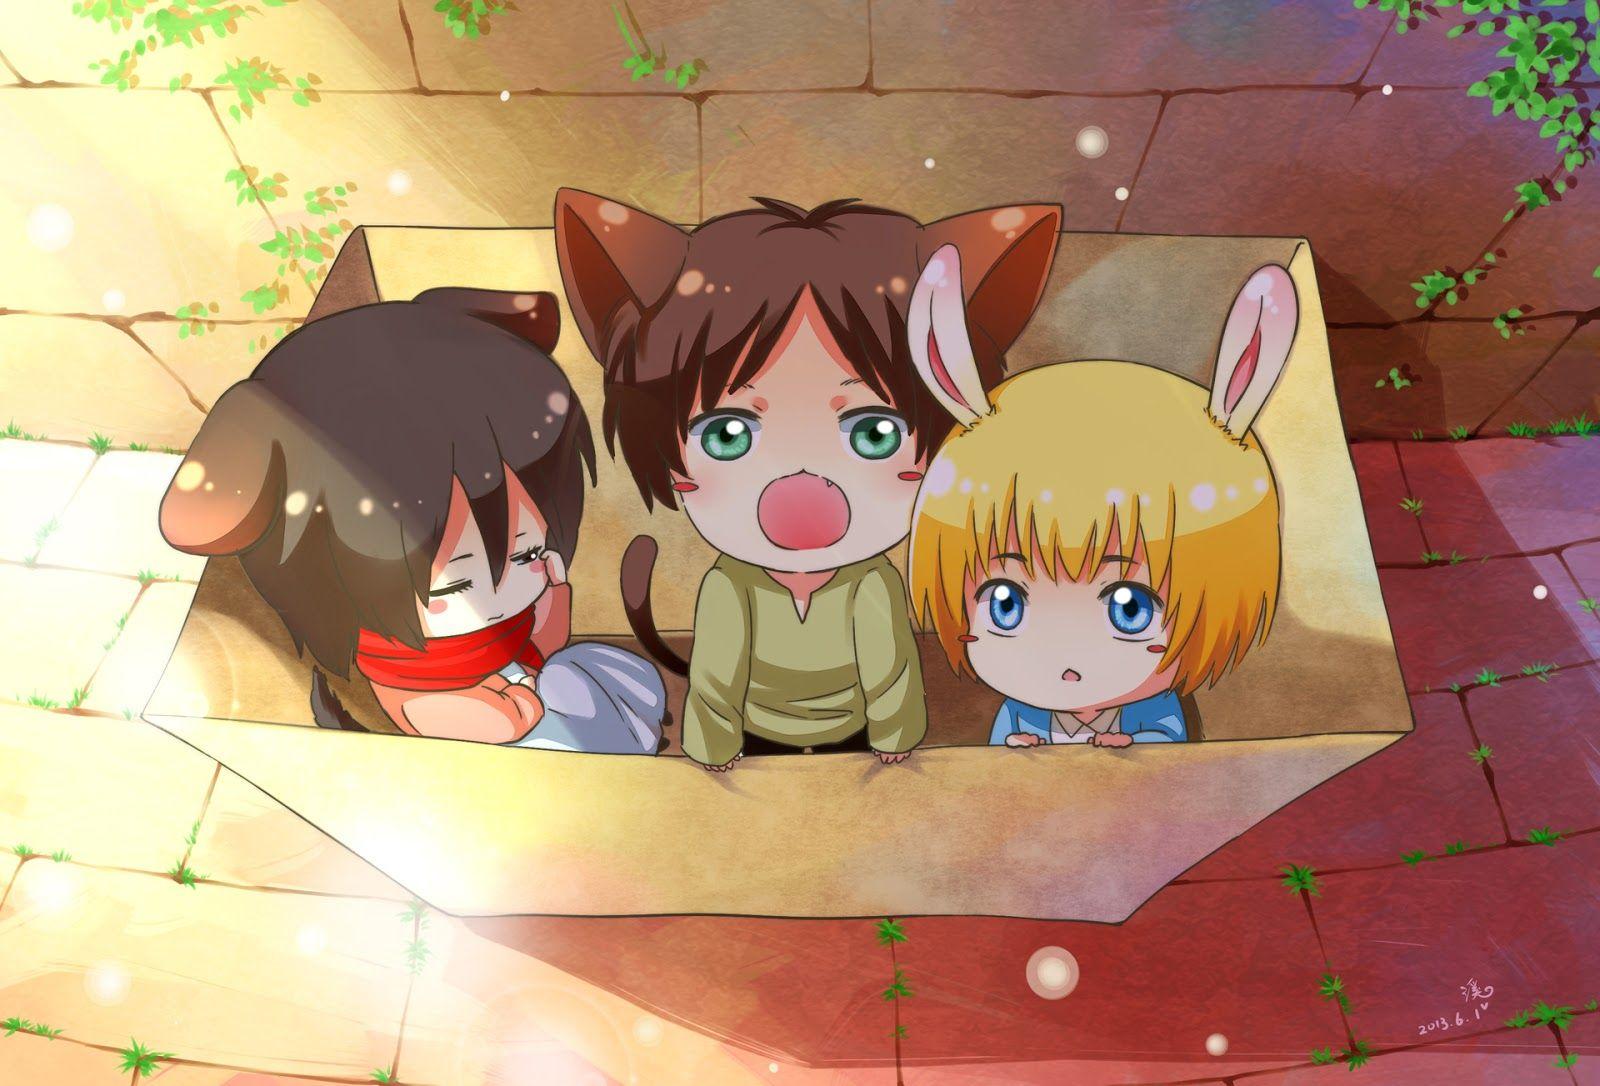 Shingeki No Kyojin Mikasa Eren Armin Ilustrasi Komik Gambar Karakter Animasi